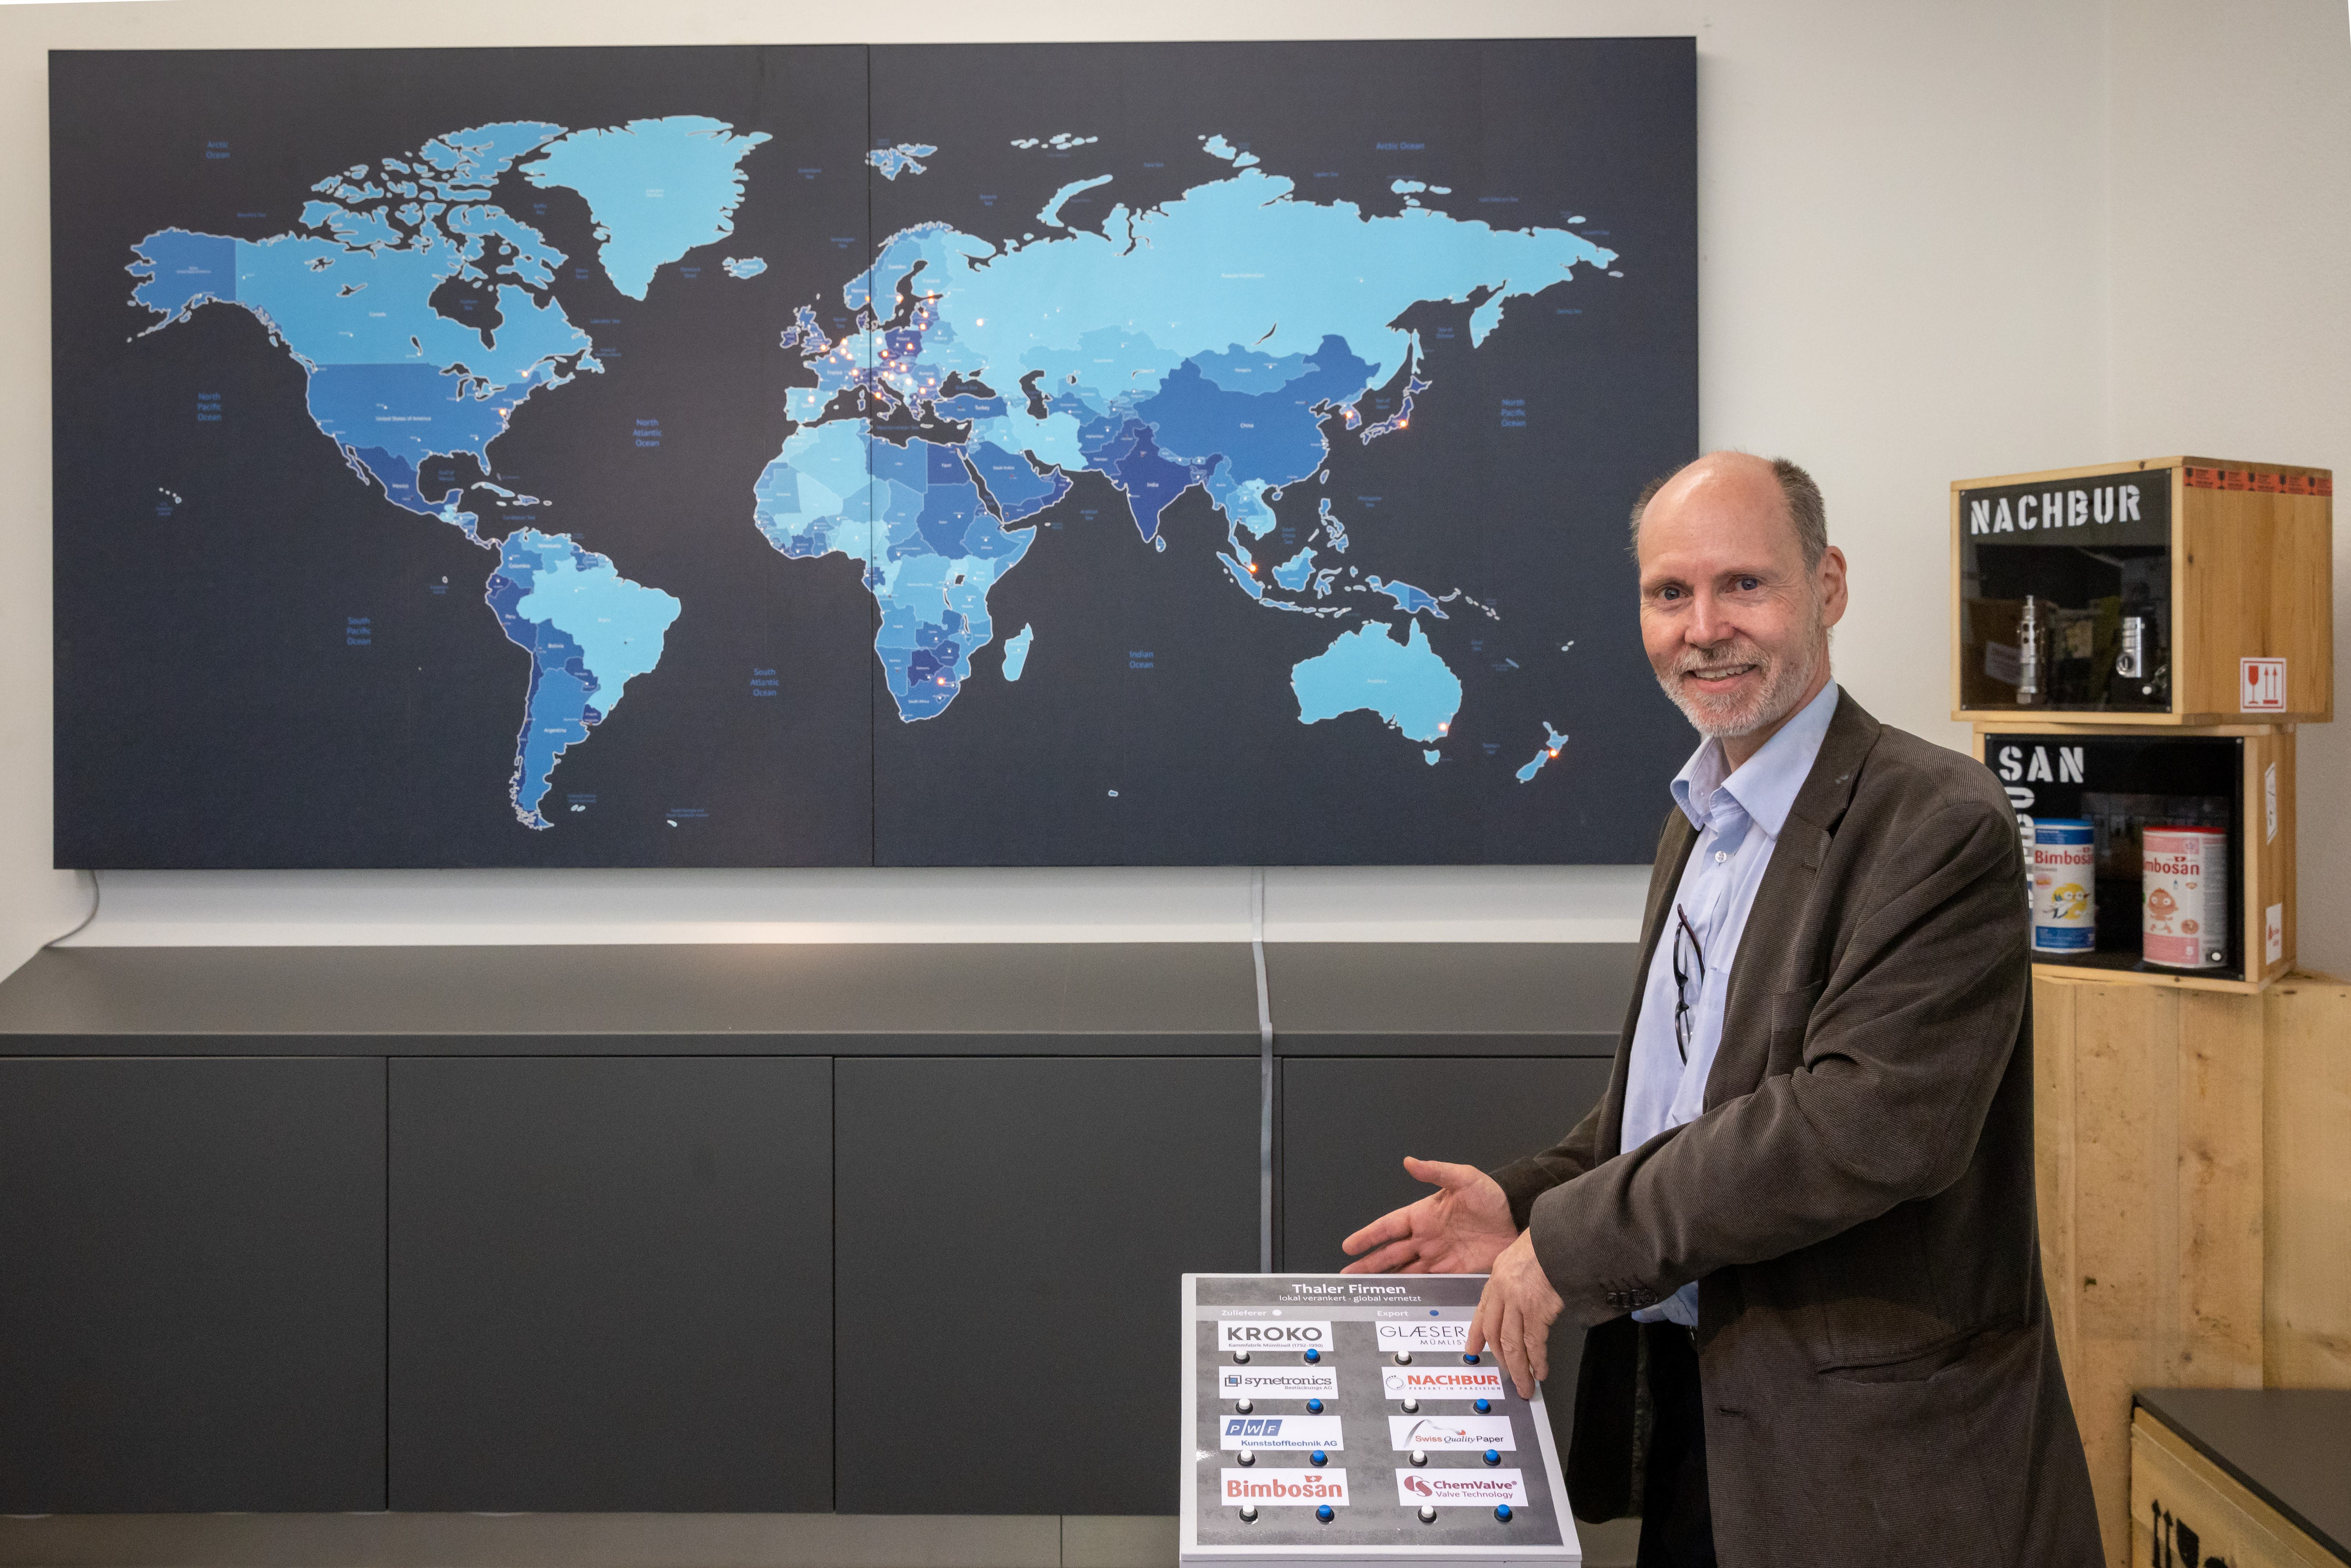 Eine interaktive Weltkarte im Foyere des Museums zeigt den heutigen Welthandel der bestehenden Firmen im Thal.